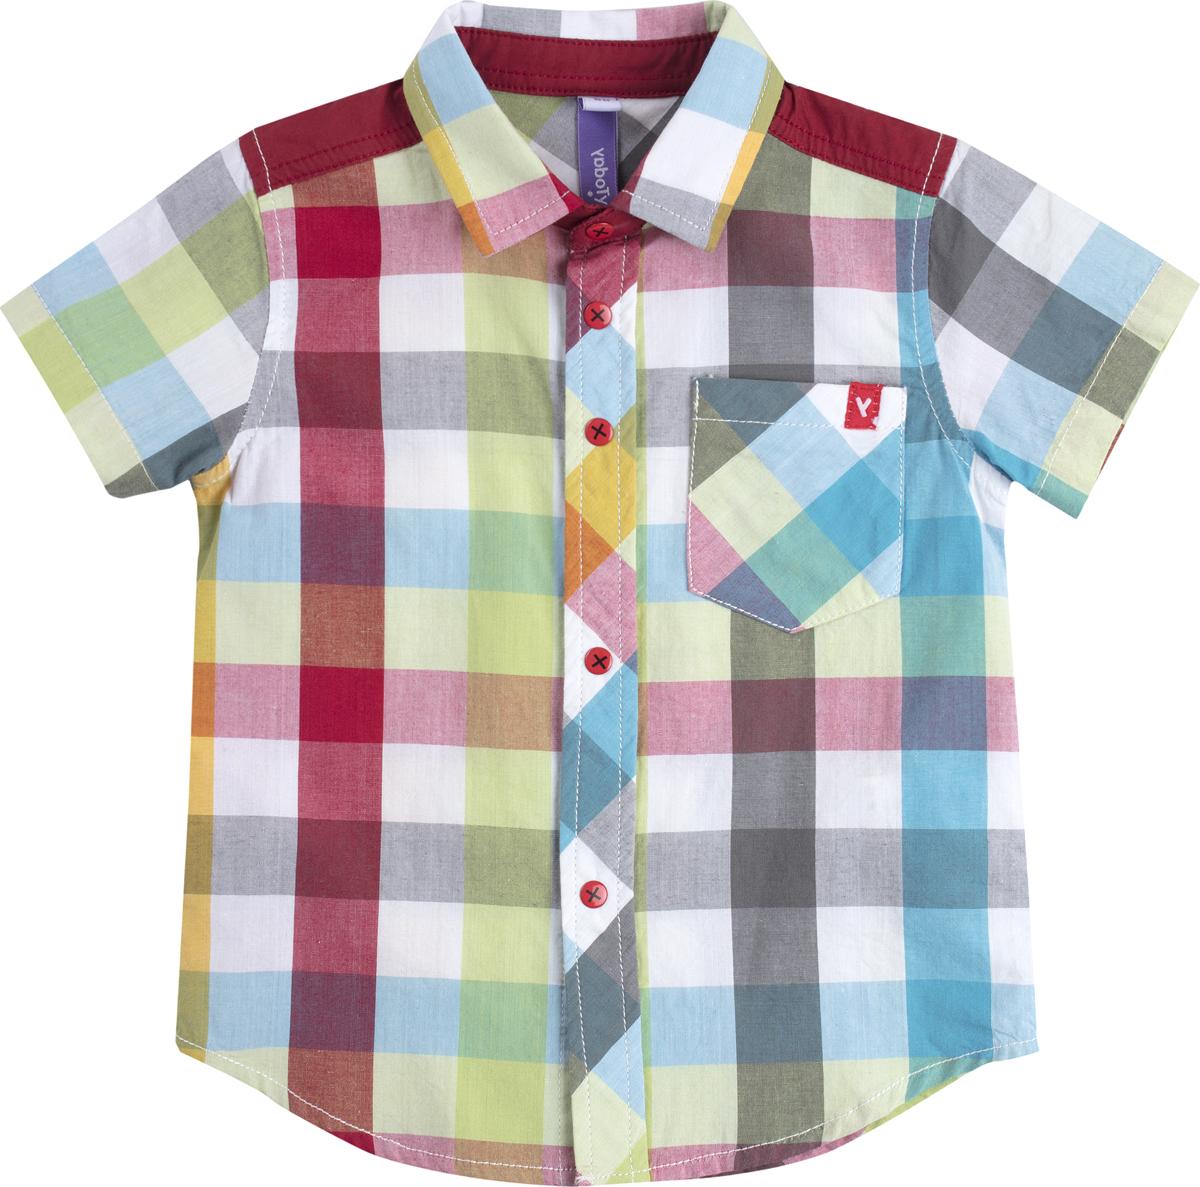 Рубашка для мальчика PlayToday, цвет: мультиколор. 187057. Размер 92187057